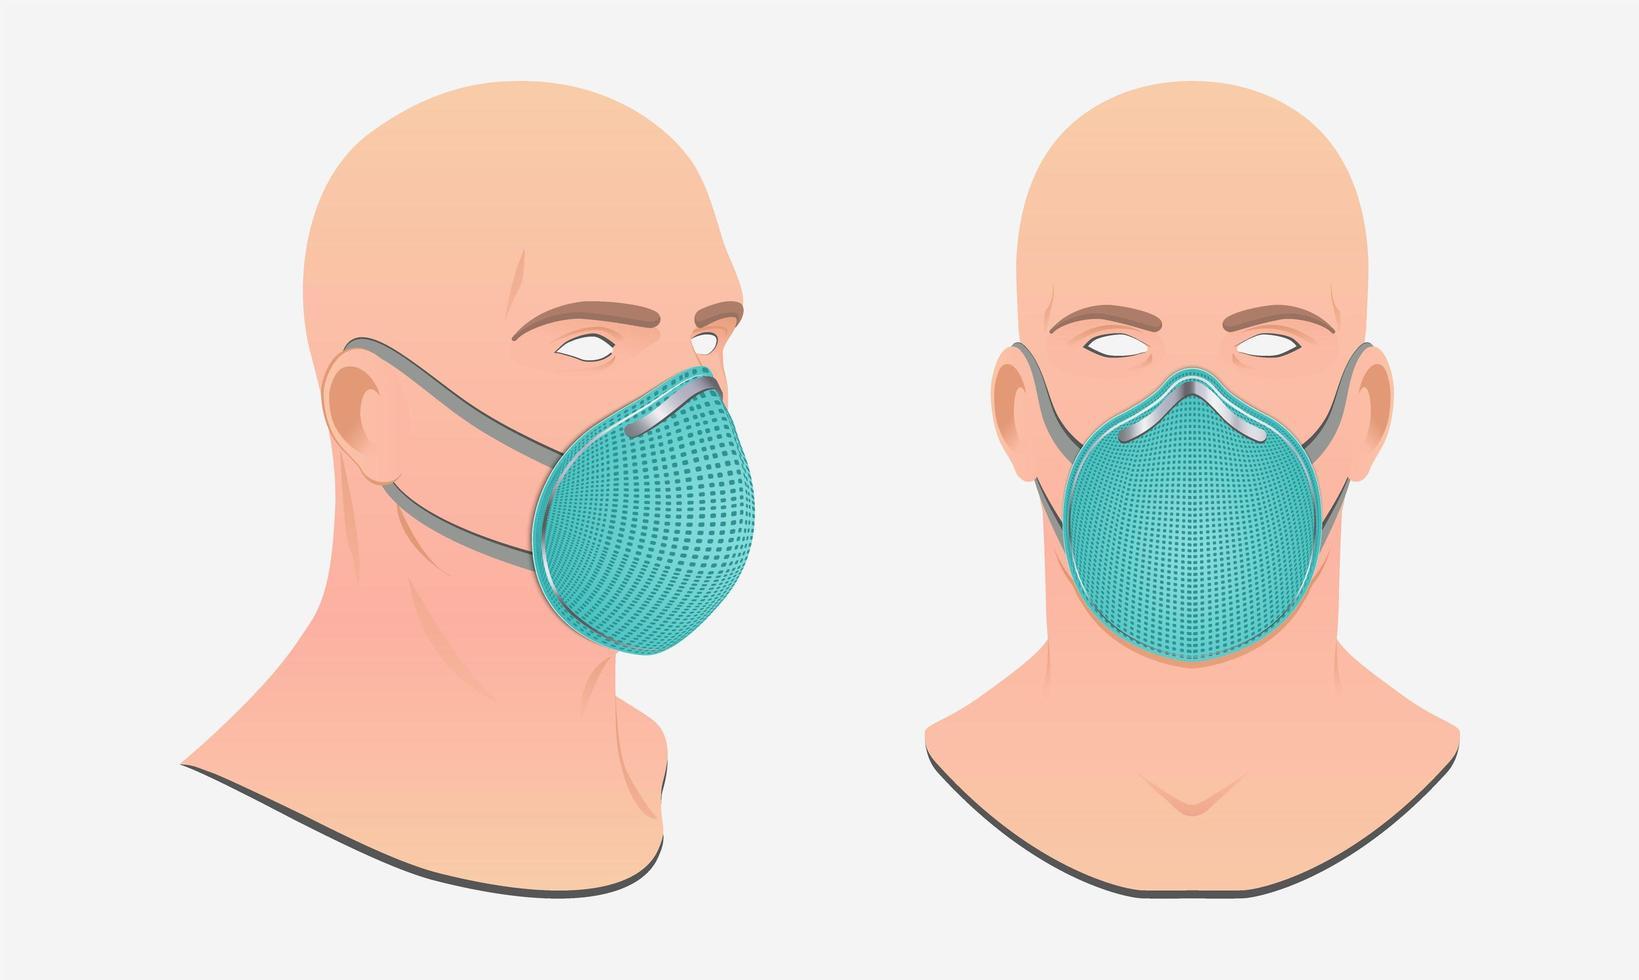 persona con mascarilla quirúrgica vector